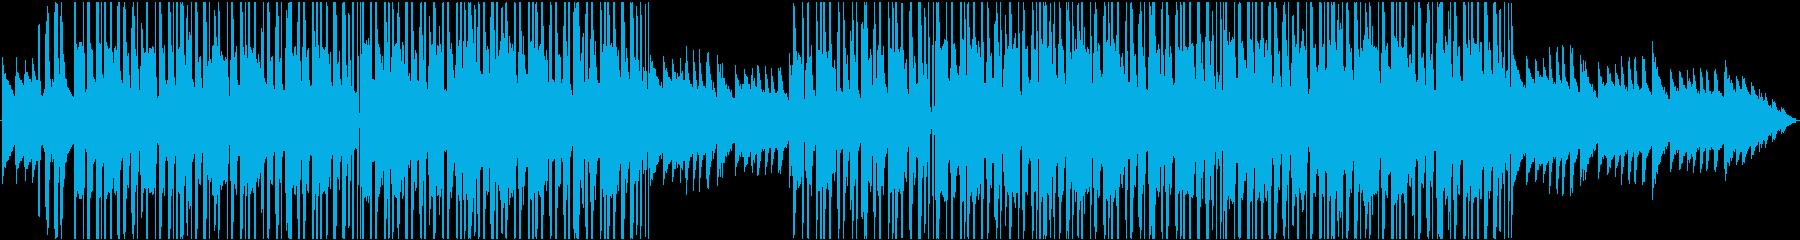 イージーヒップホップクラブアーバンの再生済みの波形